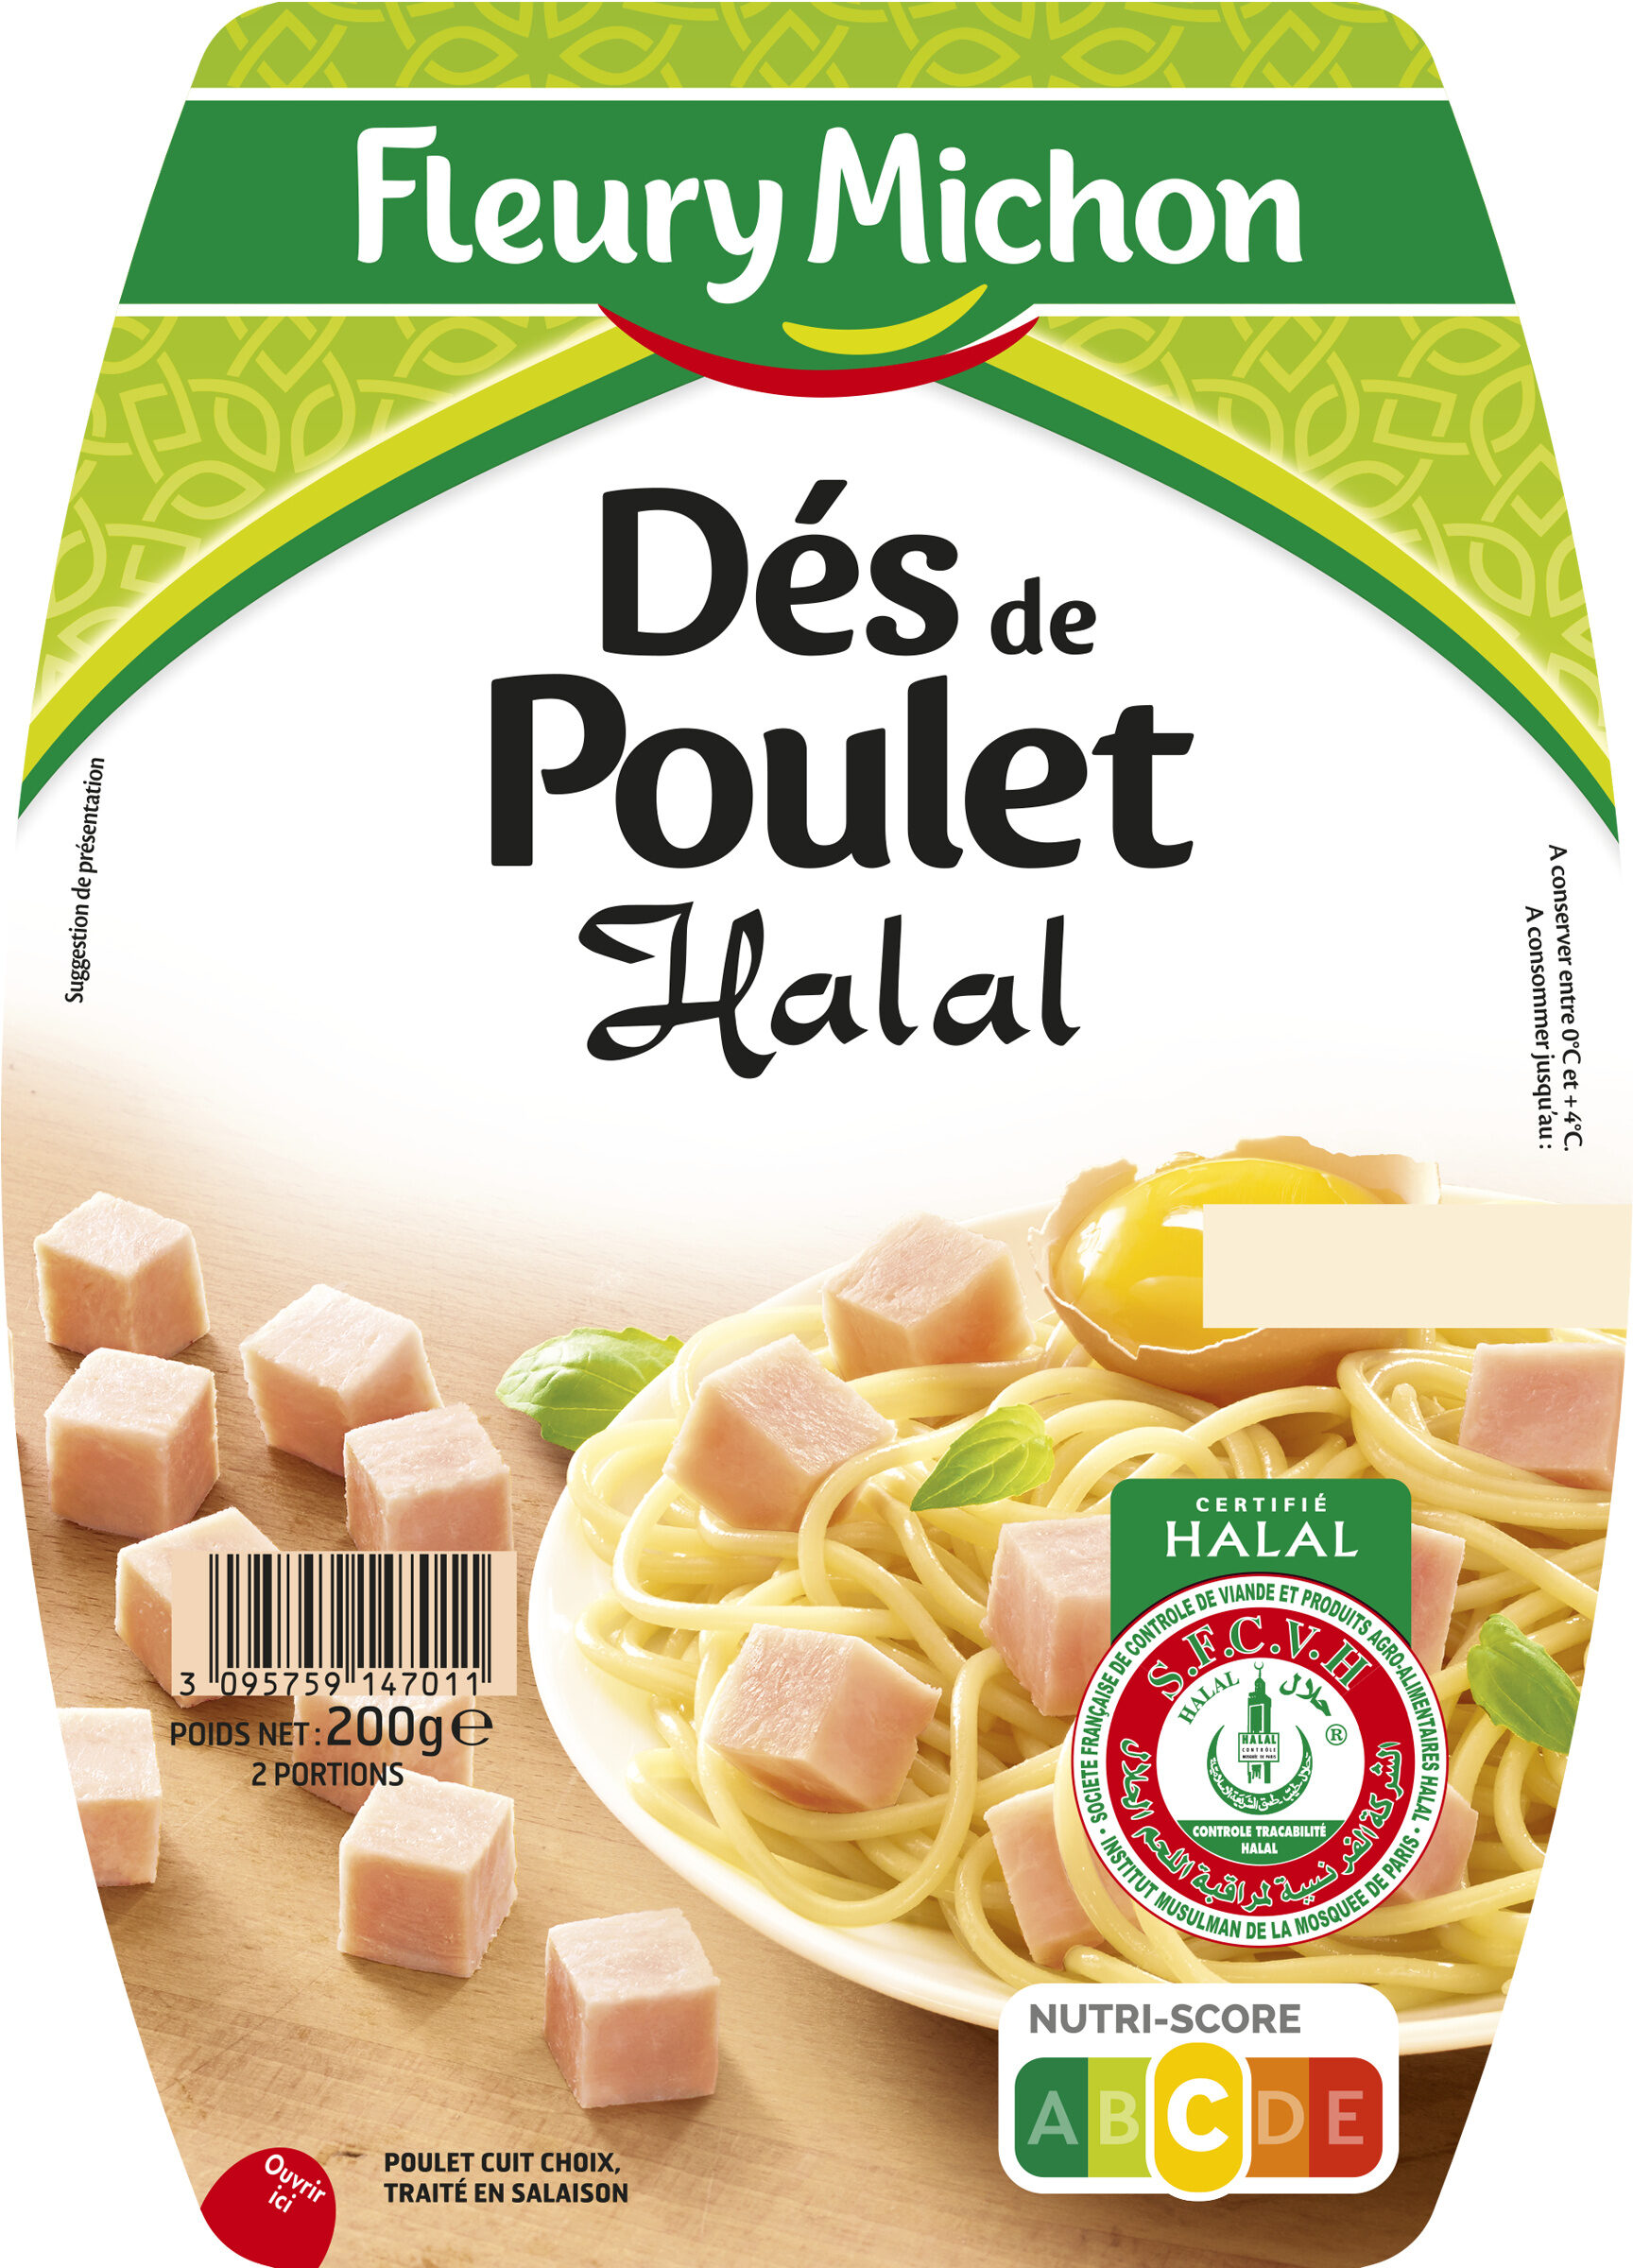 Dés de poulet Halal - Produkt - fr